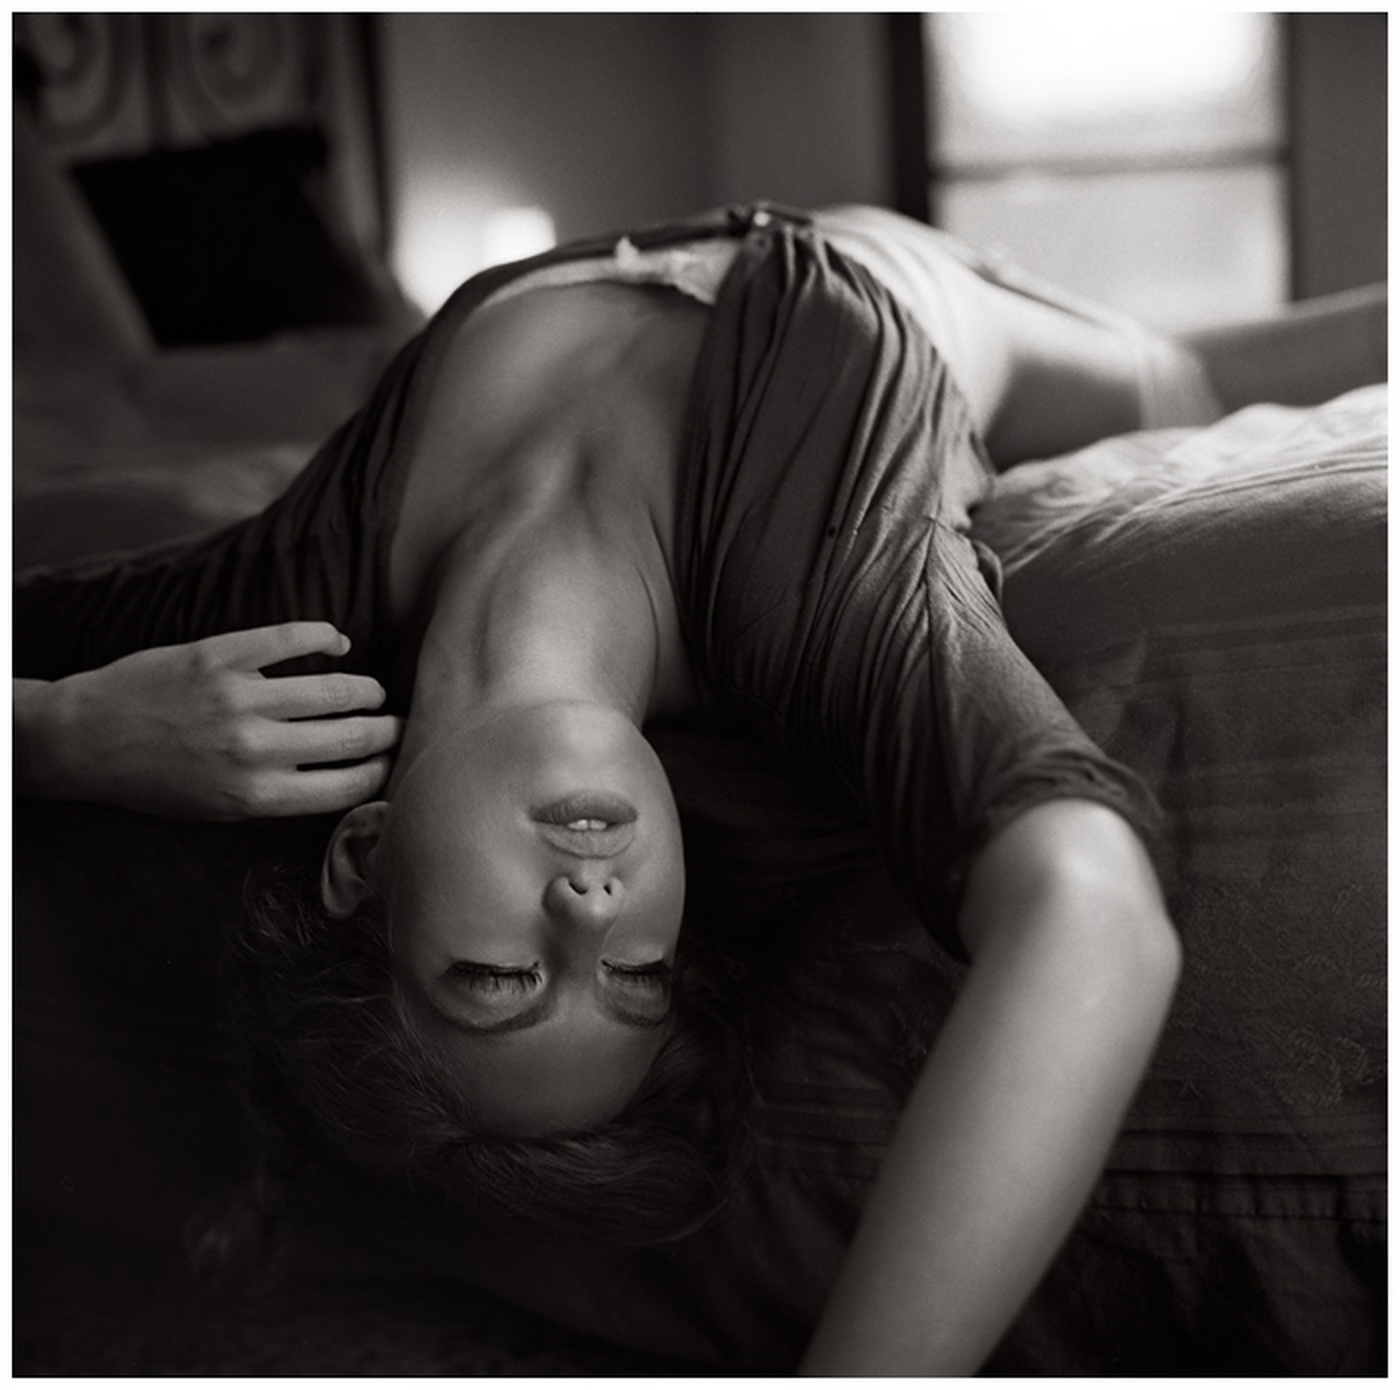 Спящие девочки erotika 12 фотография